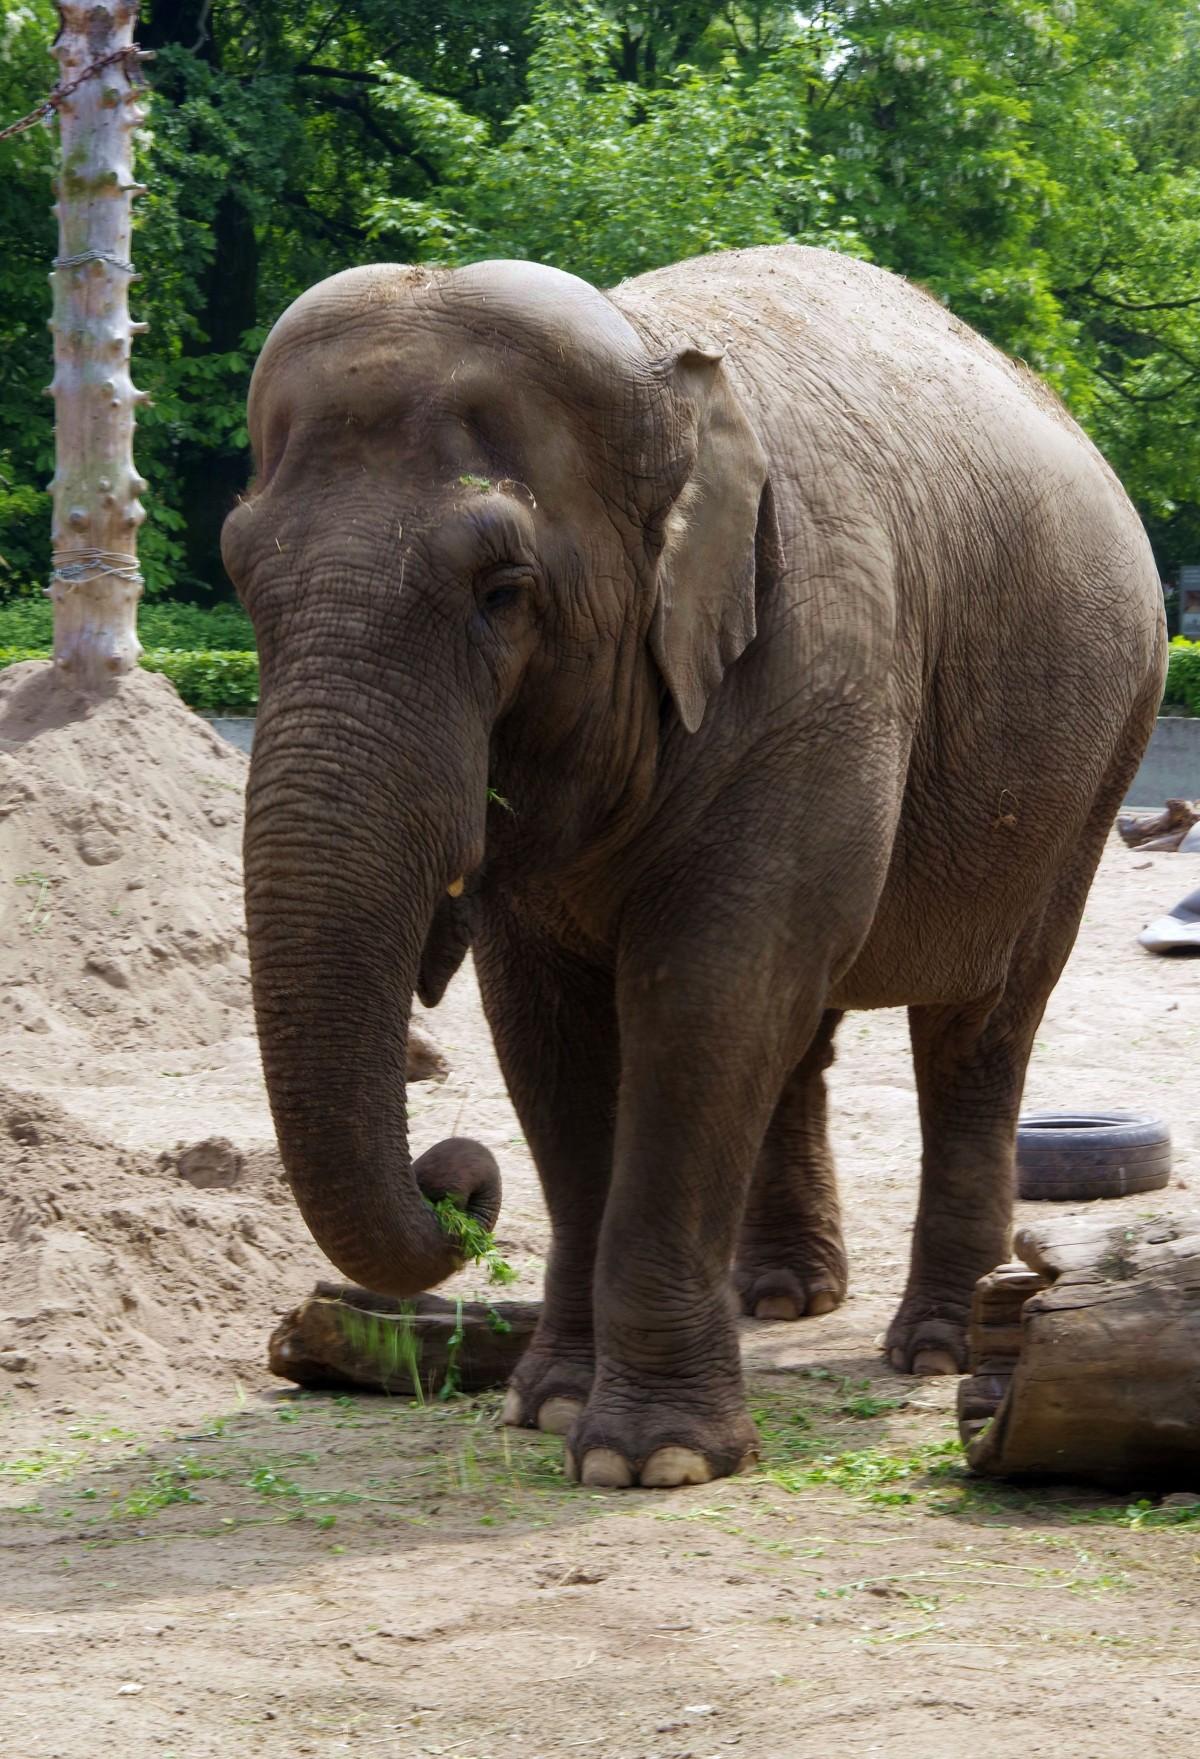 Images gratuites faune zoo afrique l phant passerelle animal sauvage grand norme - Photos d elephants gratuites ...